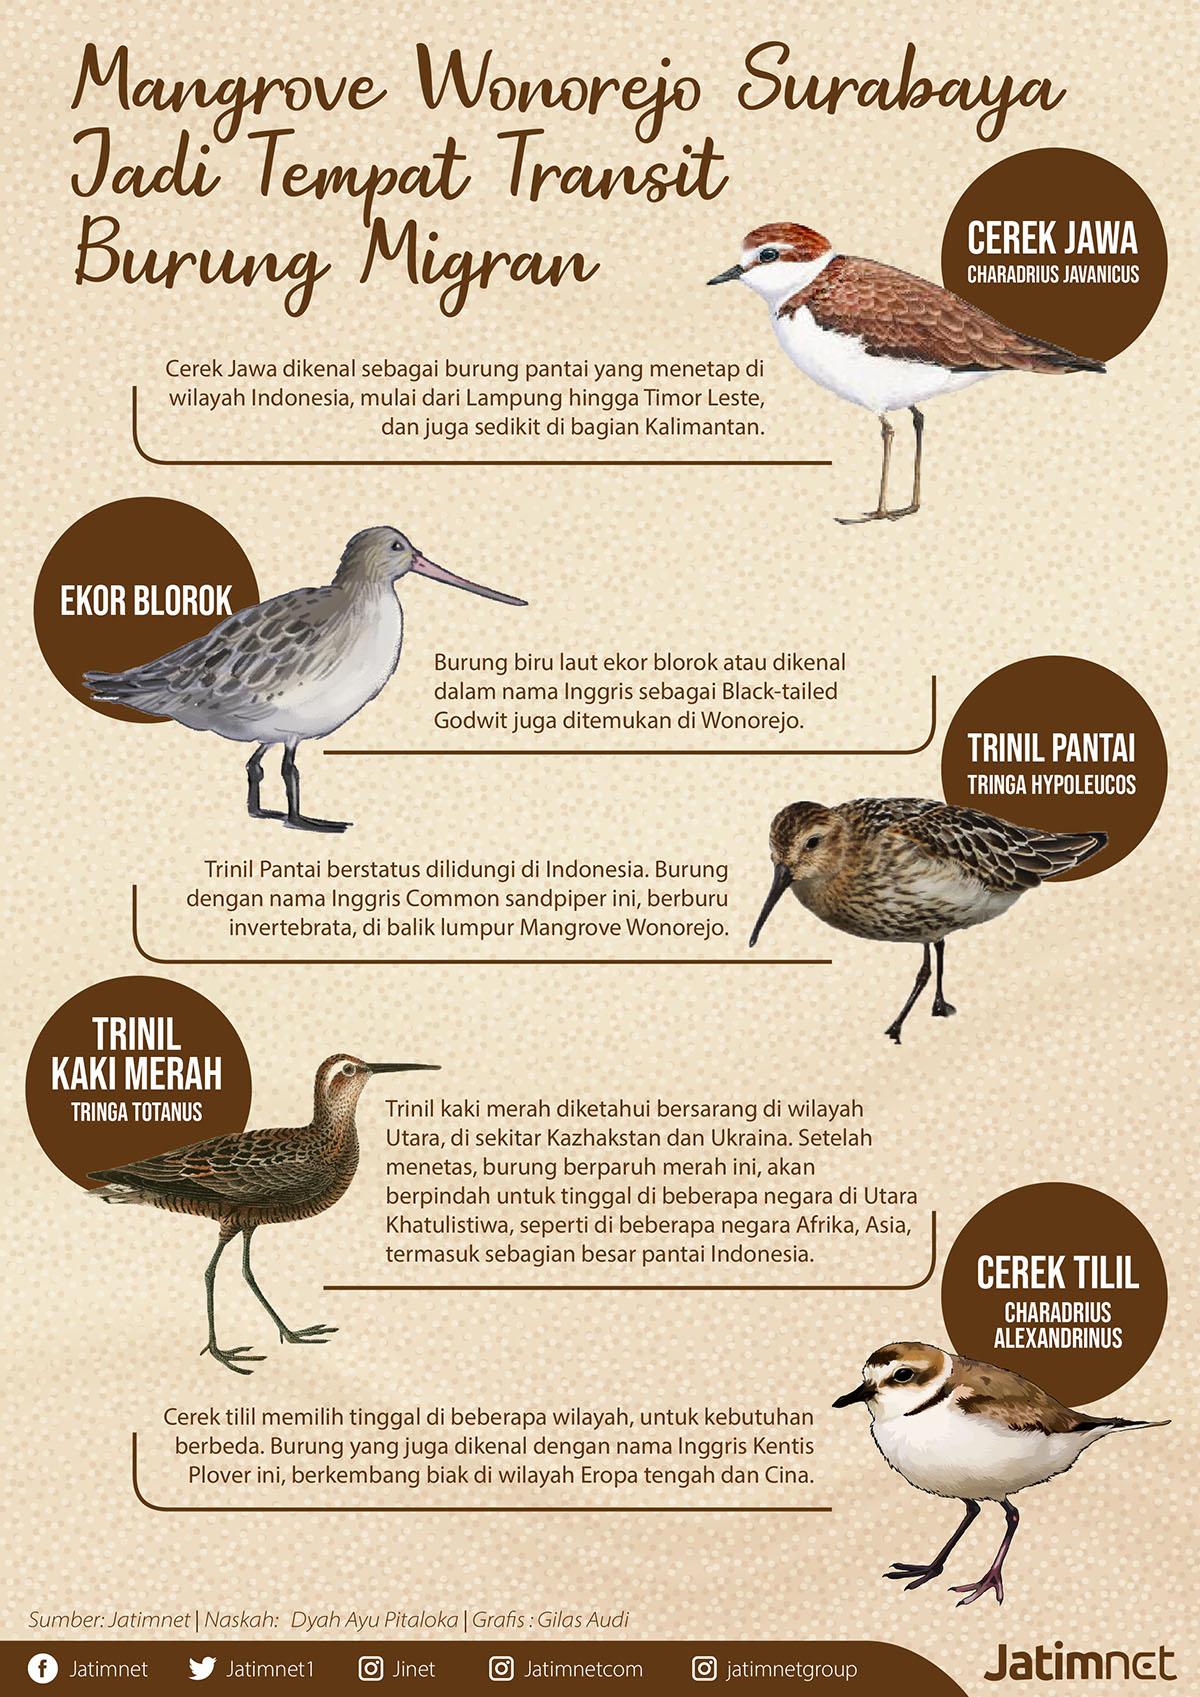 Burung Migran yang Singgah di Mangrove Wonorejo